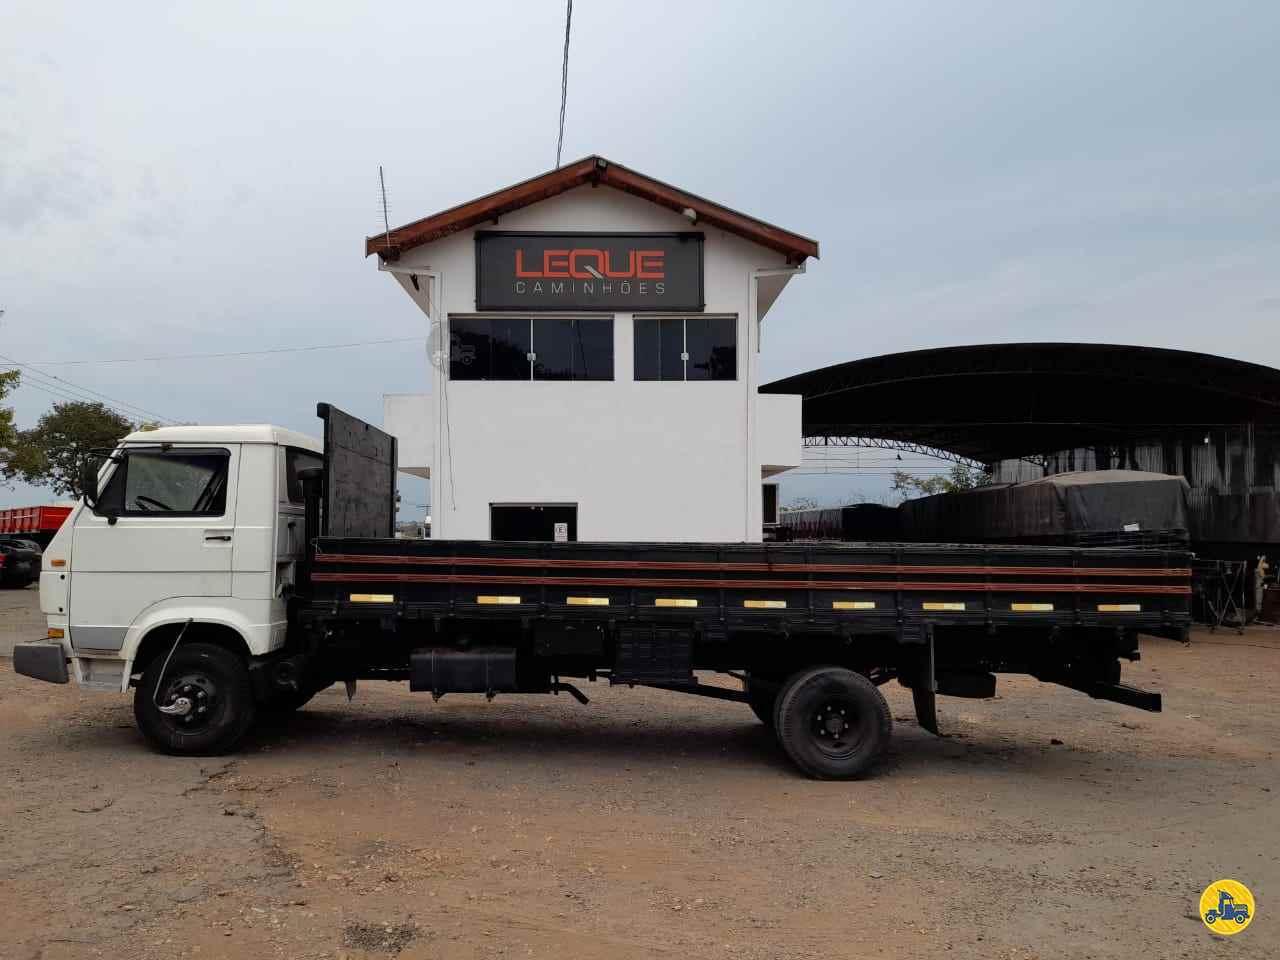 CAMINHAO VOLKSWAGEN VW 690 Carga Seca Toco 4x2 Leque Caminhões  PIRACICABA SÃO PAULO SP